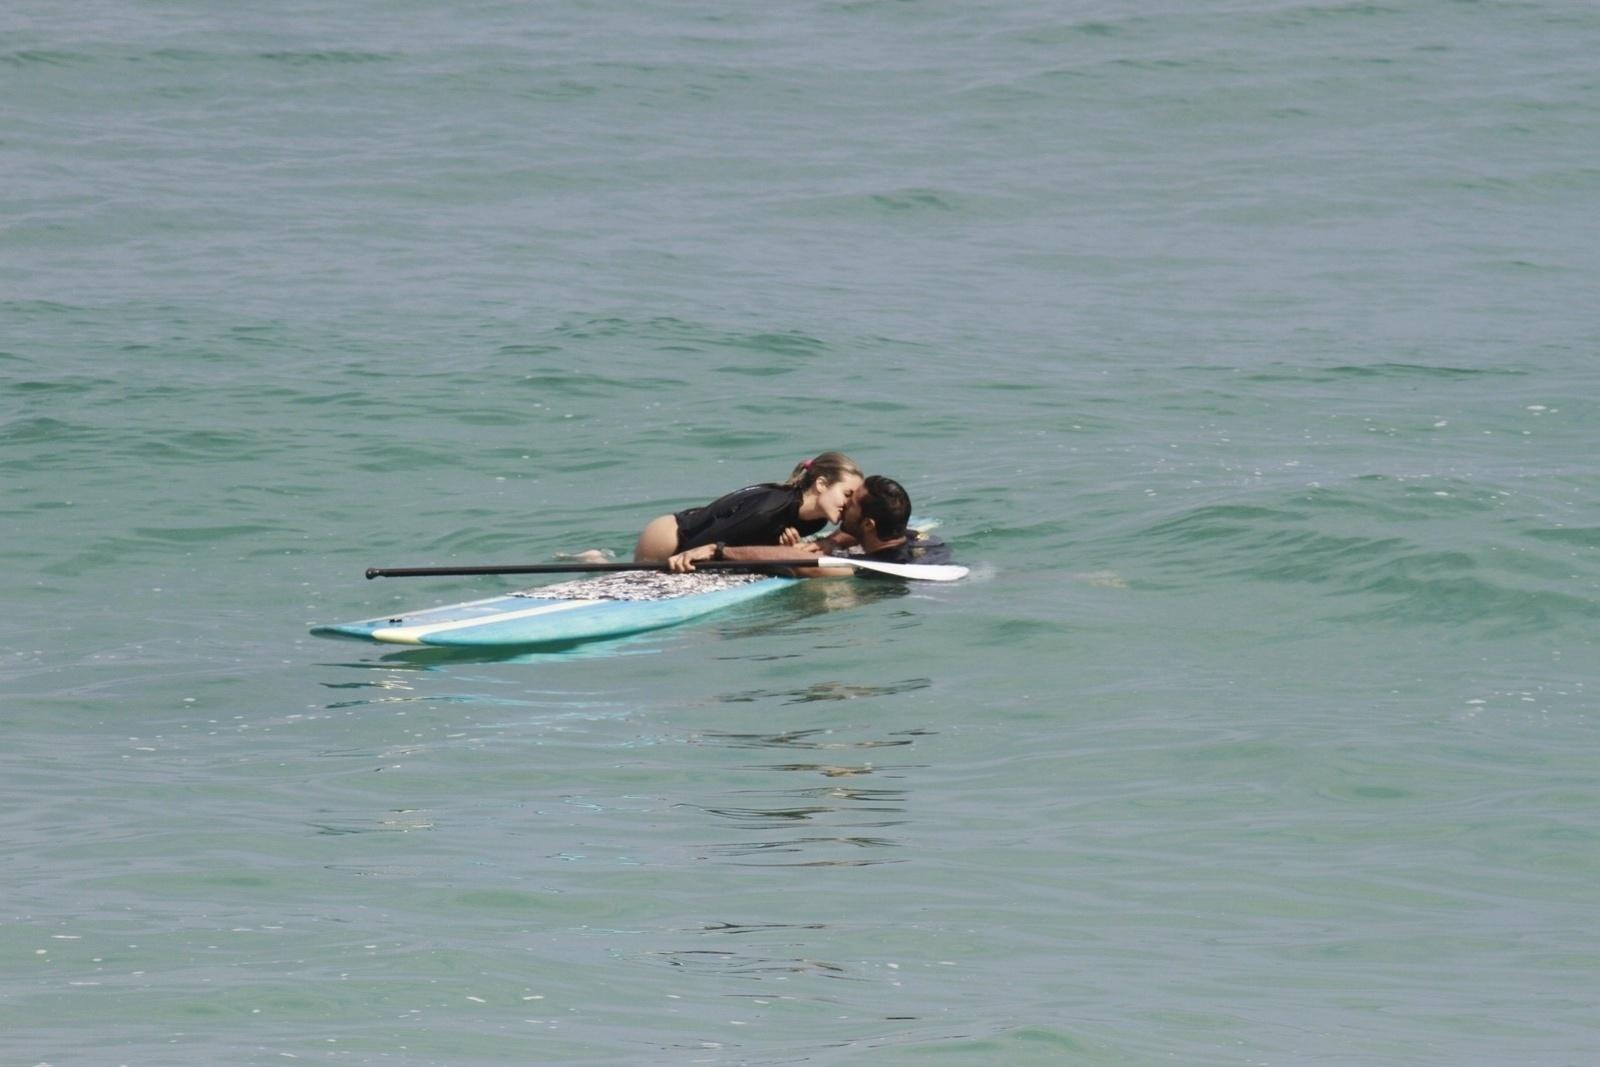 23.set.2013 - O casal ex-peões Beto Malfacini e Aryane Steinkopf curtiu um dia de praia na Macumba, na Barra da Tijuca, zona oeste do Rio. Aryane fez stand up paddle e o casal trocou beijos no mar